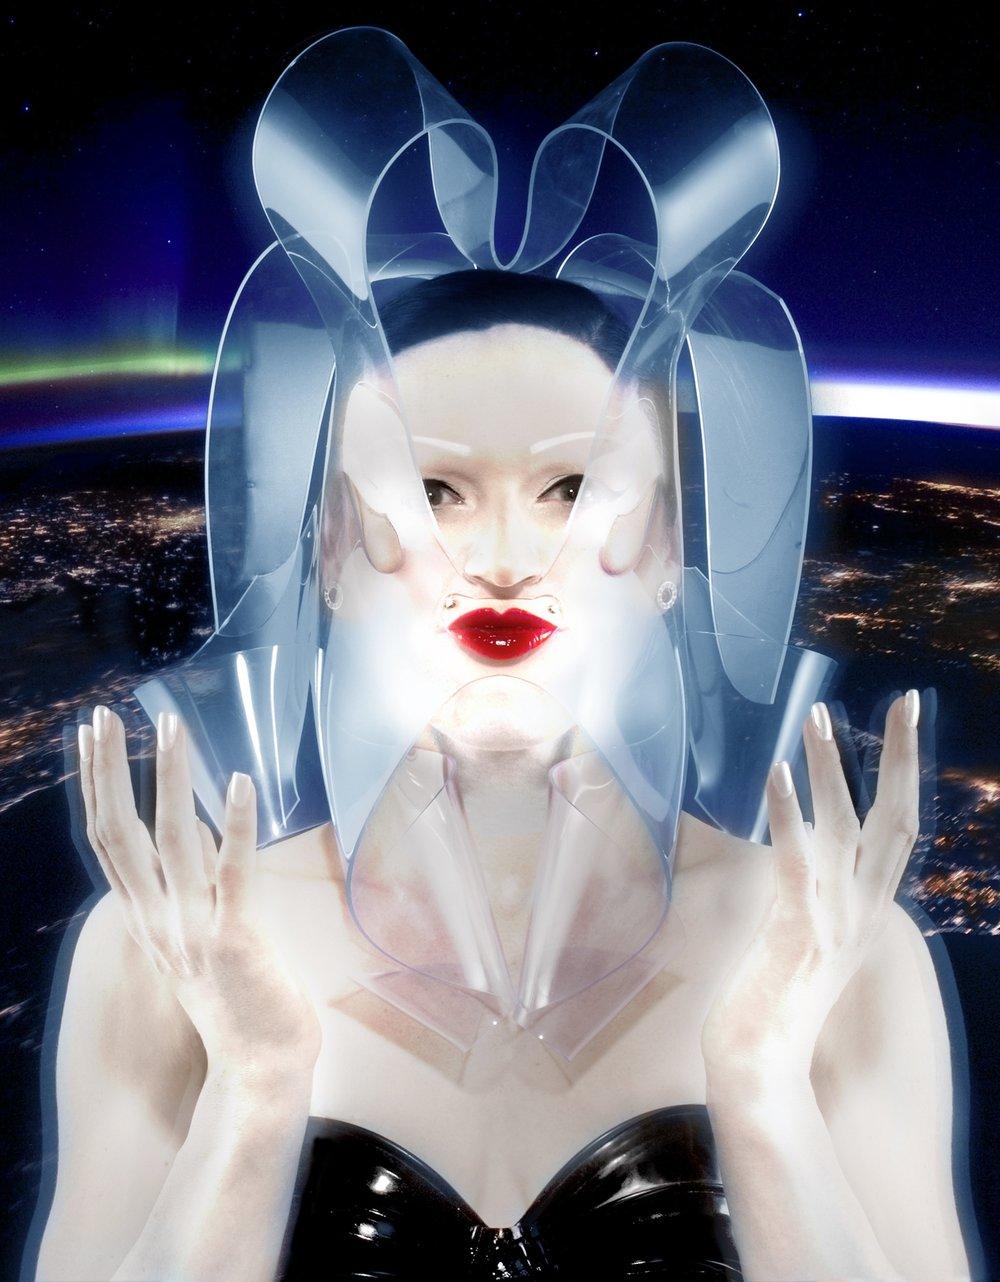 Empress_Stah_Manuel_Vason.jpg